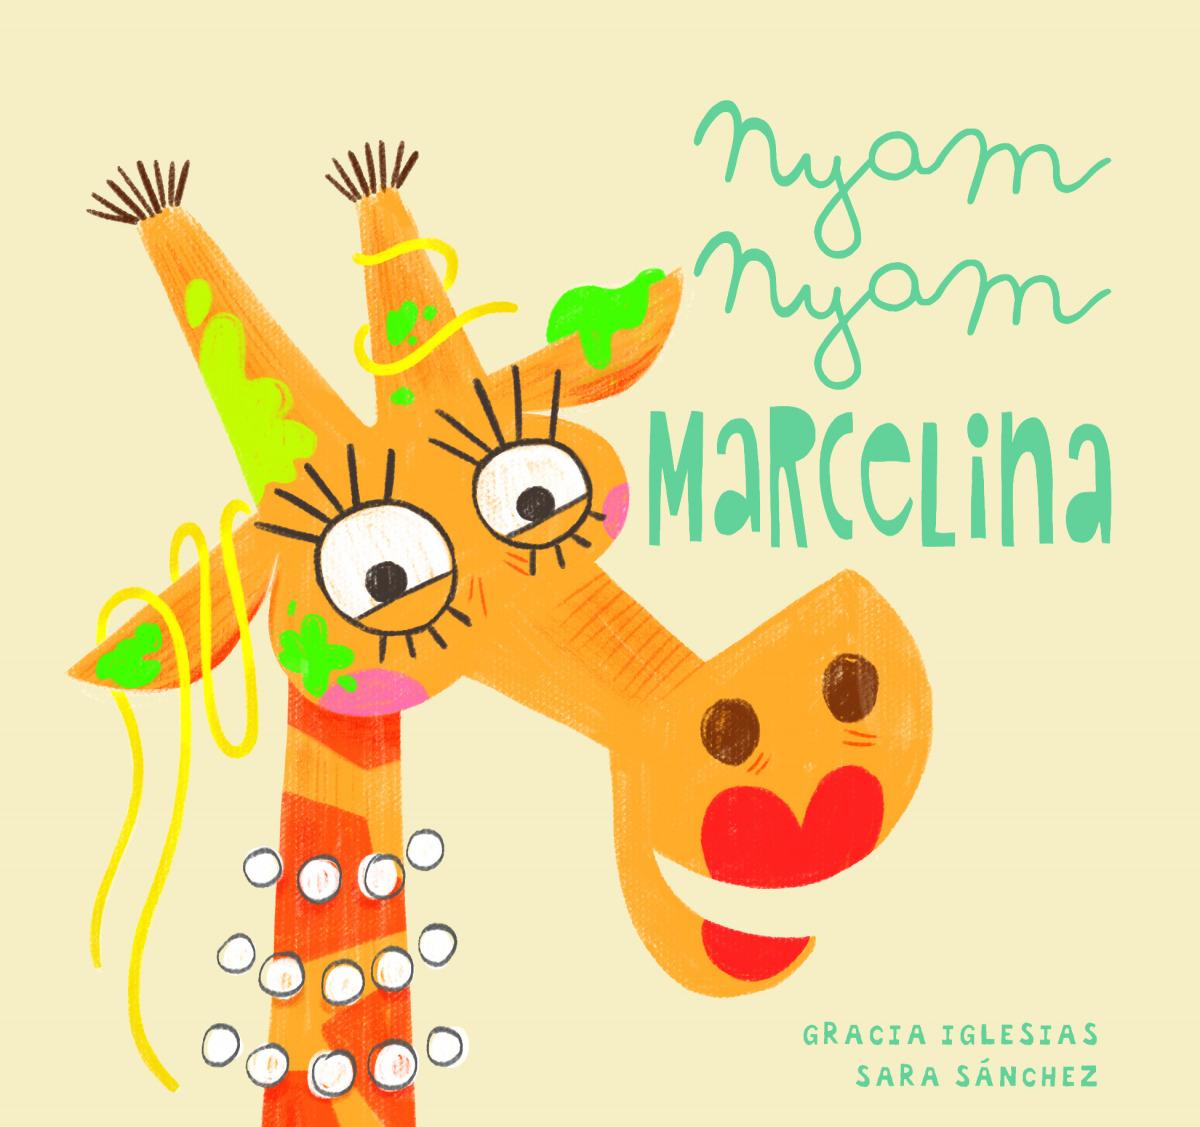 Nyam, nyam Marcelina